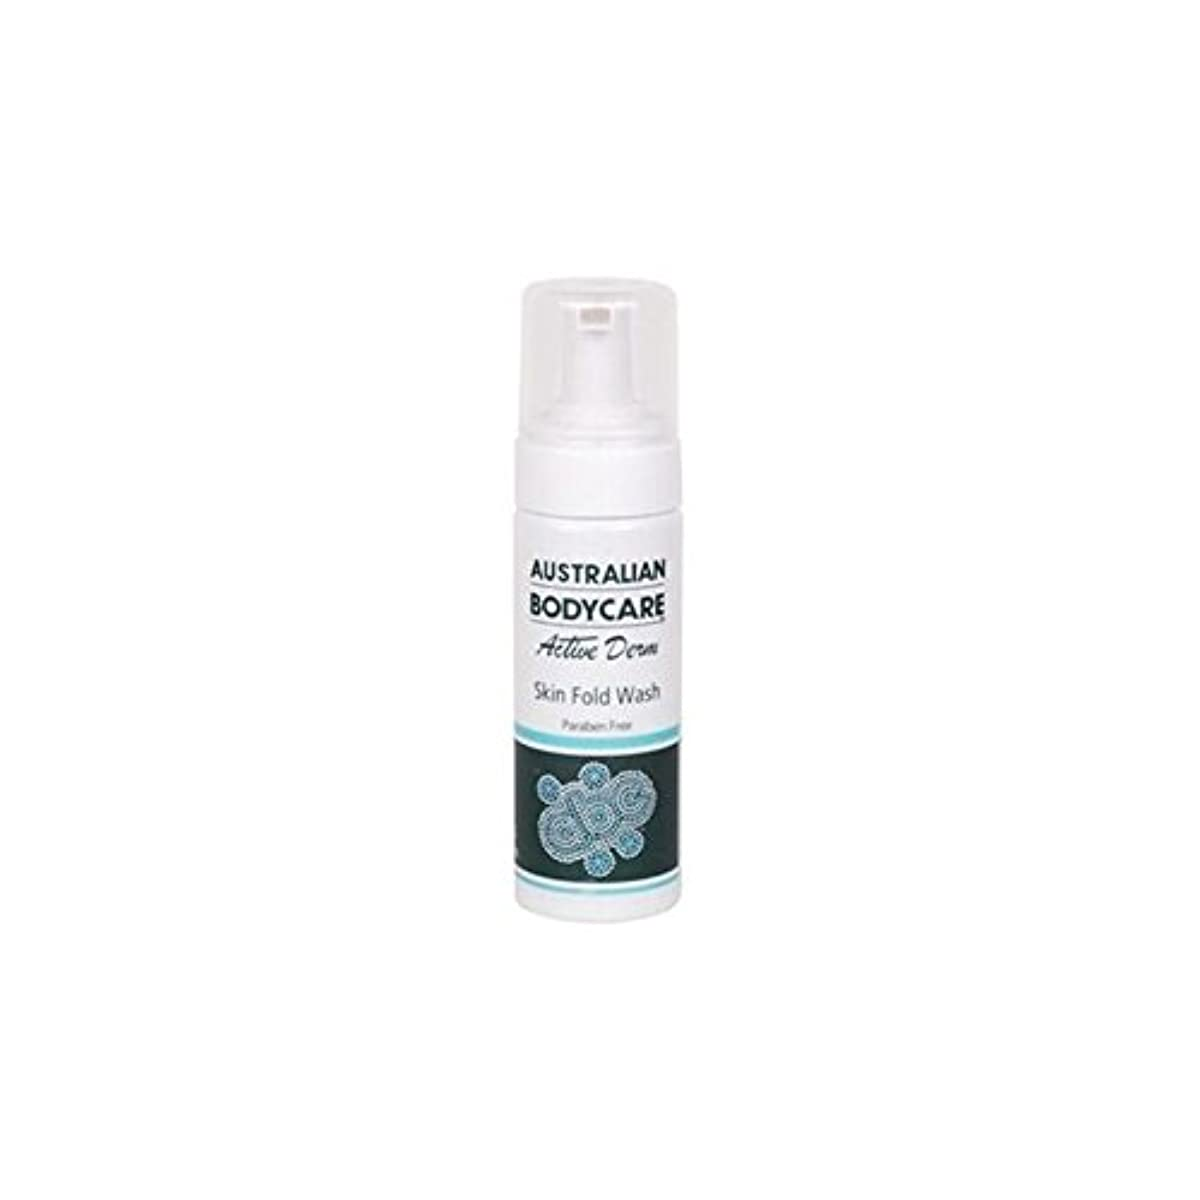 無駄だ摘む殺しますAustralian Bodycare Active Derm Skin Fold Wash (150ml) - オーストラリアのボディケアアクティブダームの皮膚のひだの洗浄(150ミリリットル) [並行輸入品]